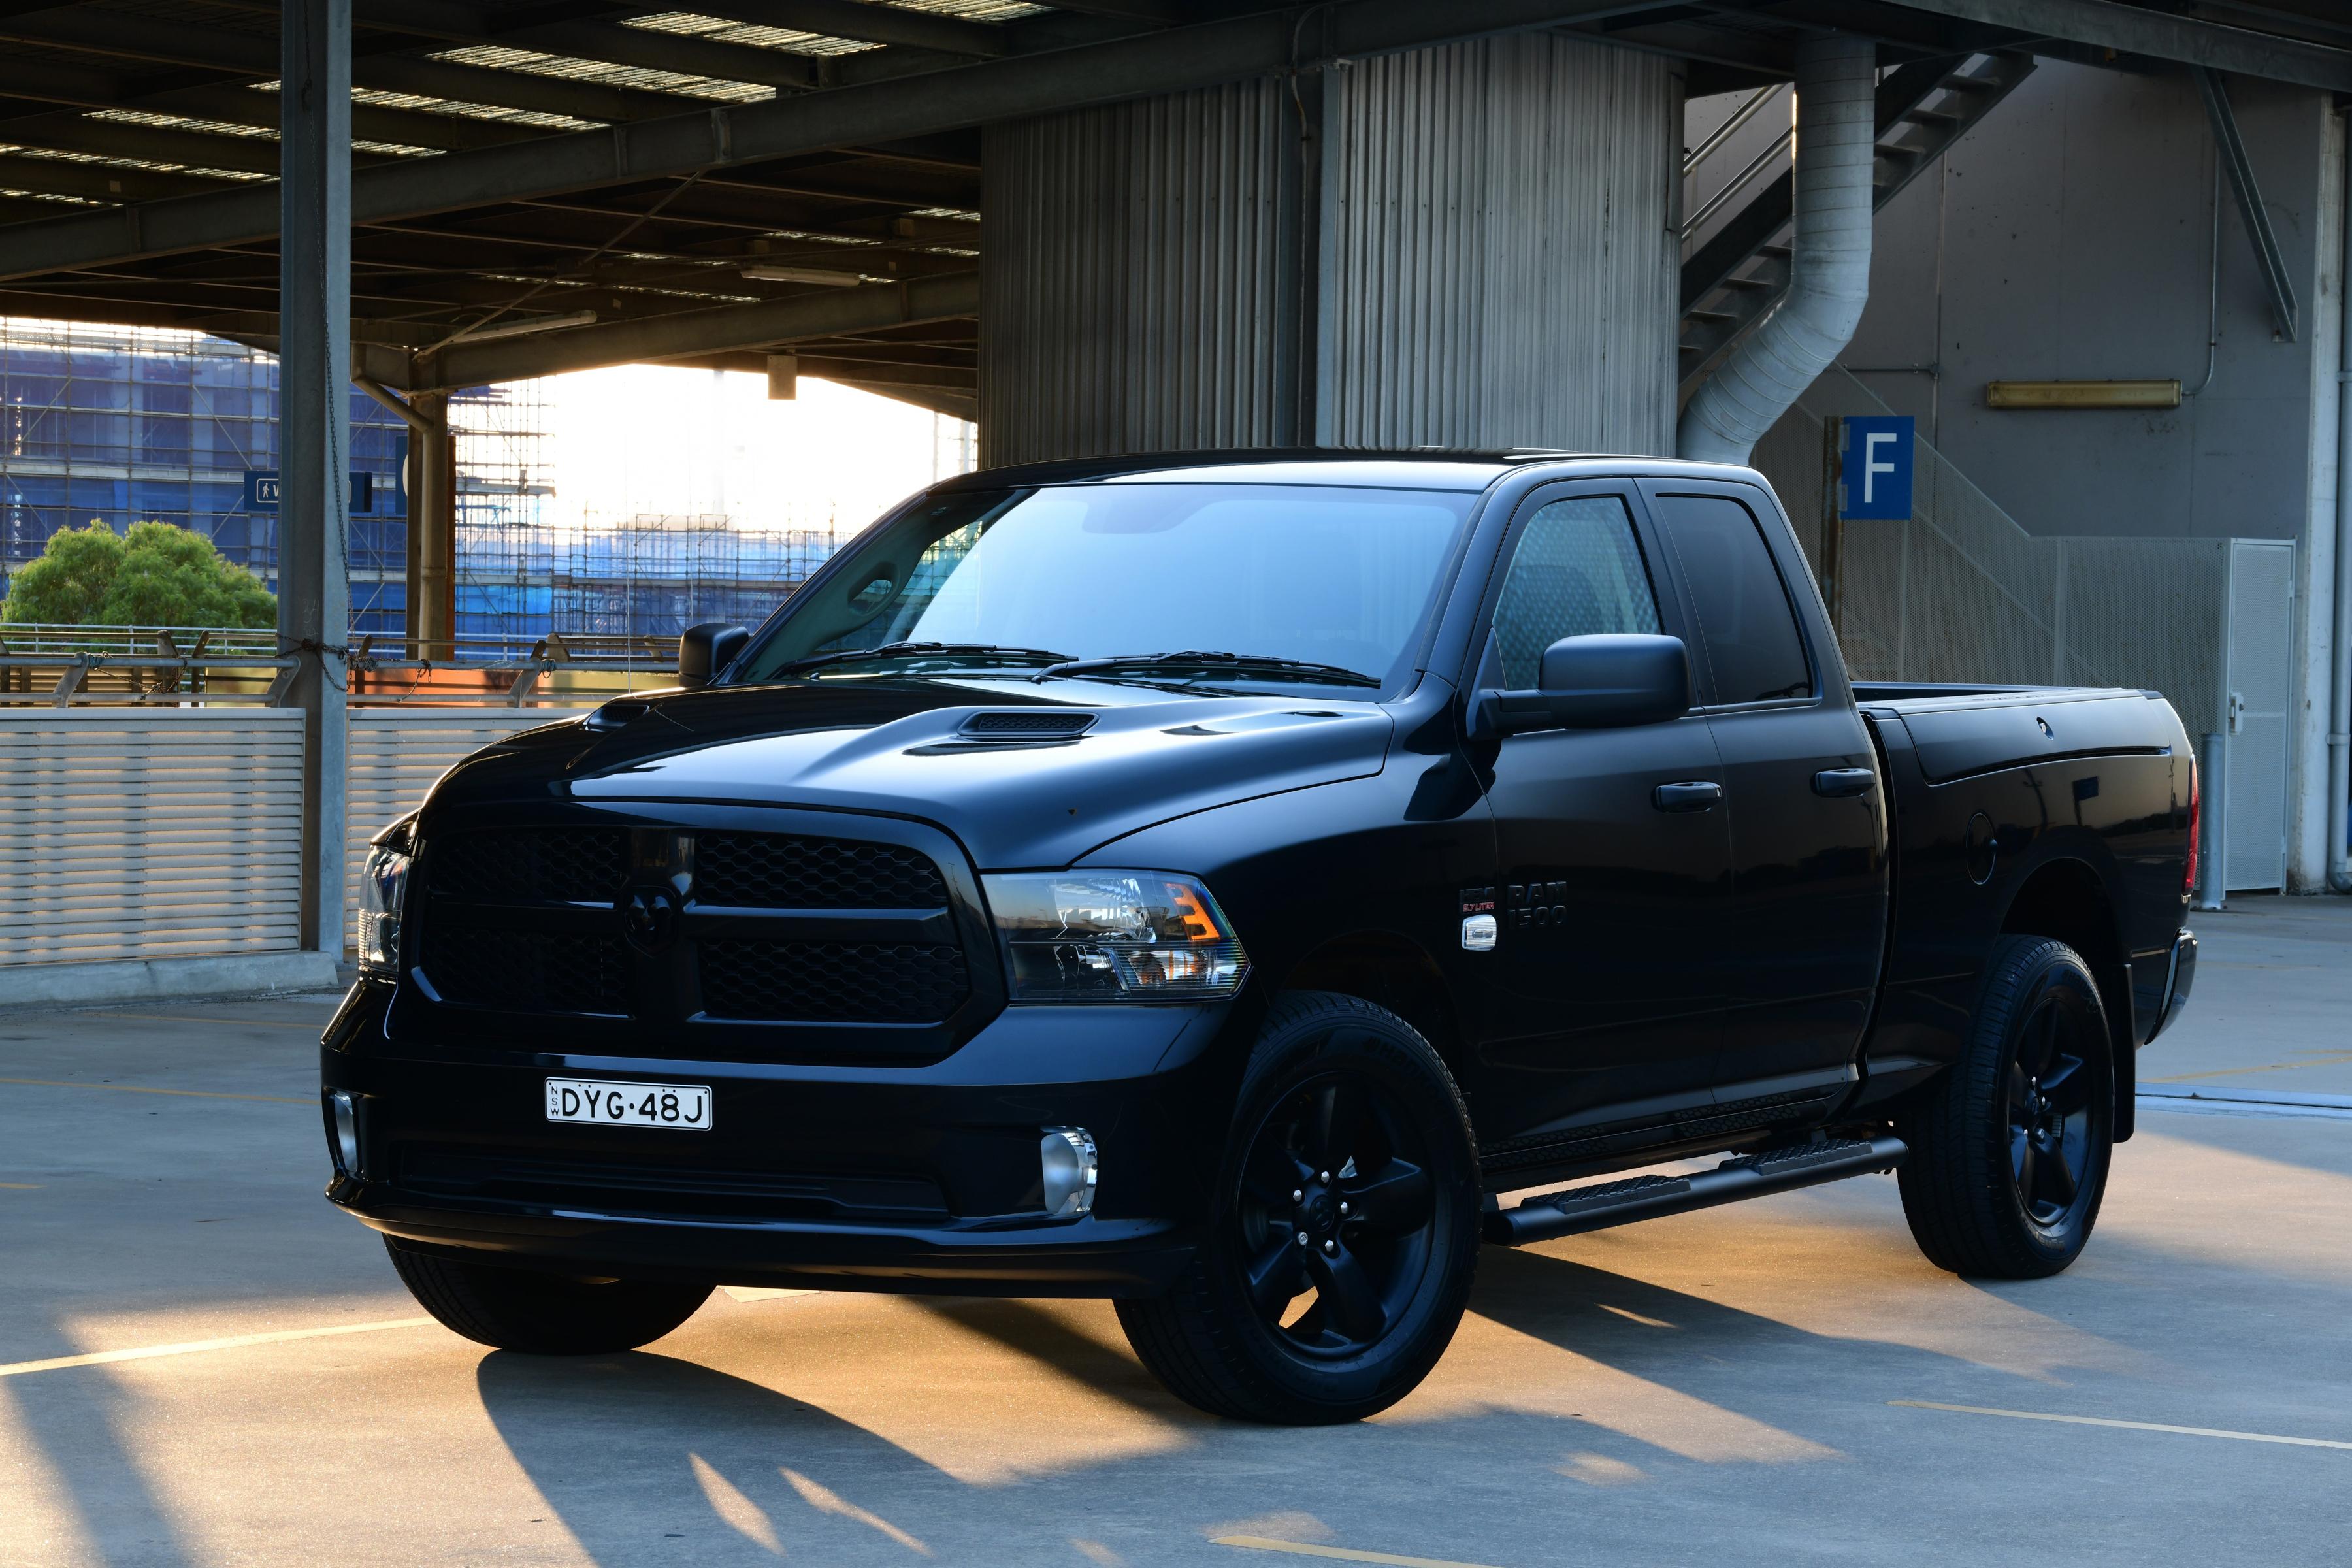 Фотография Додж 2019 Ram 1500 Express Black Pack Quad Cab Пикап кузов Черный Металлик Автомобили 3600x2400 Dodge черных черные черная авто машина машины автомобиль